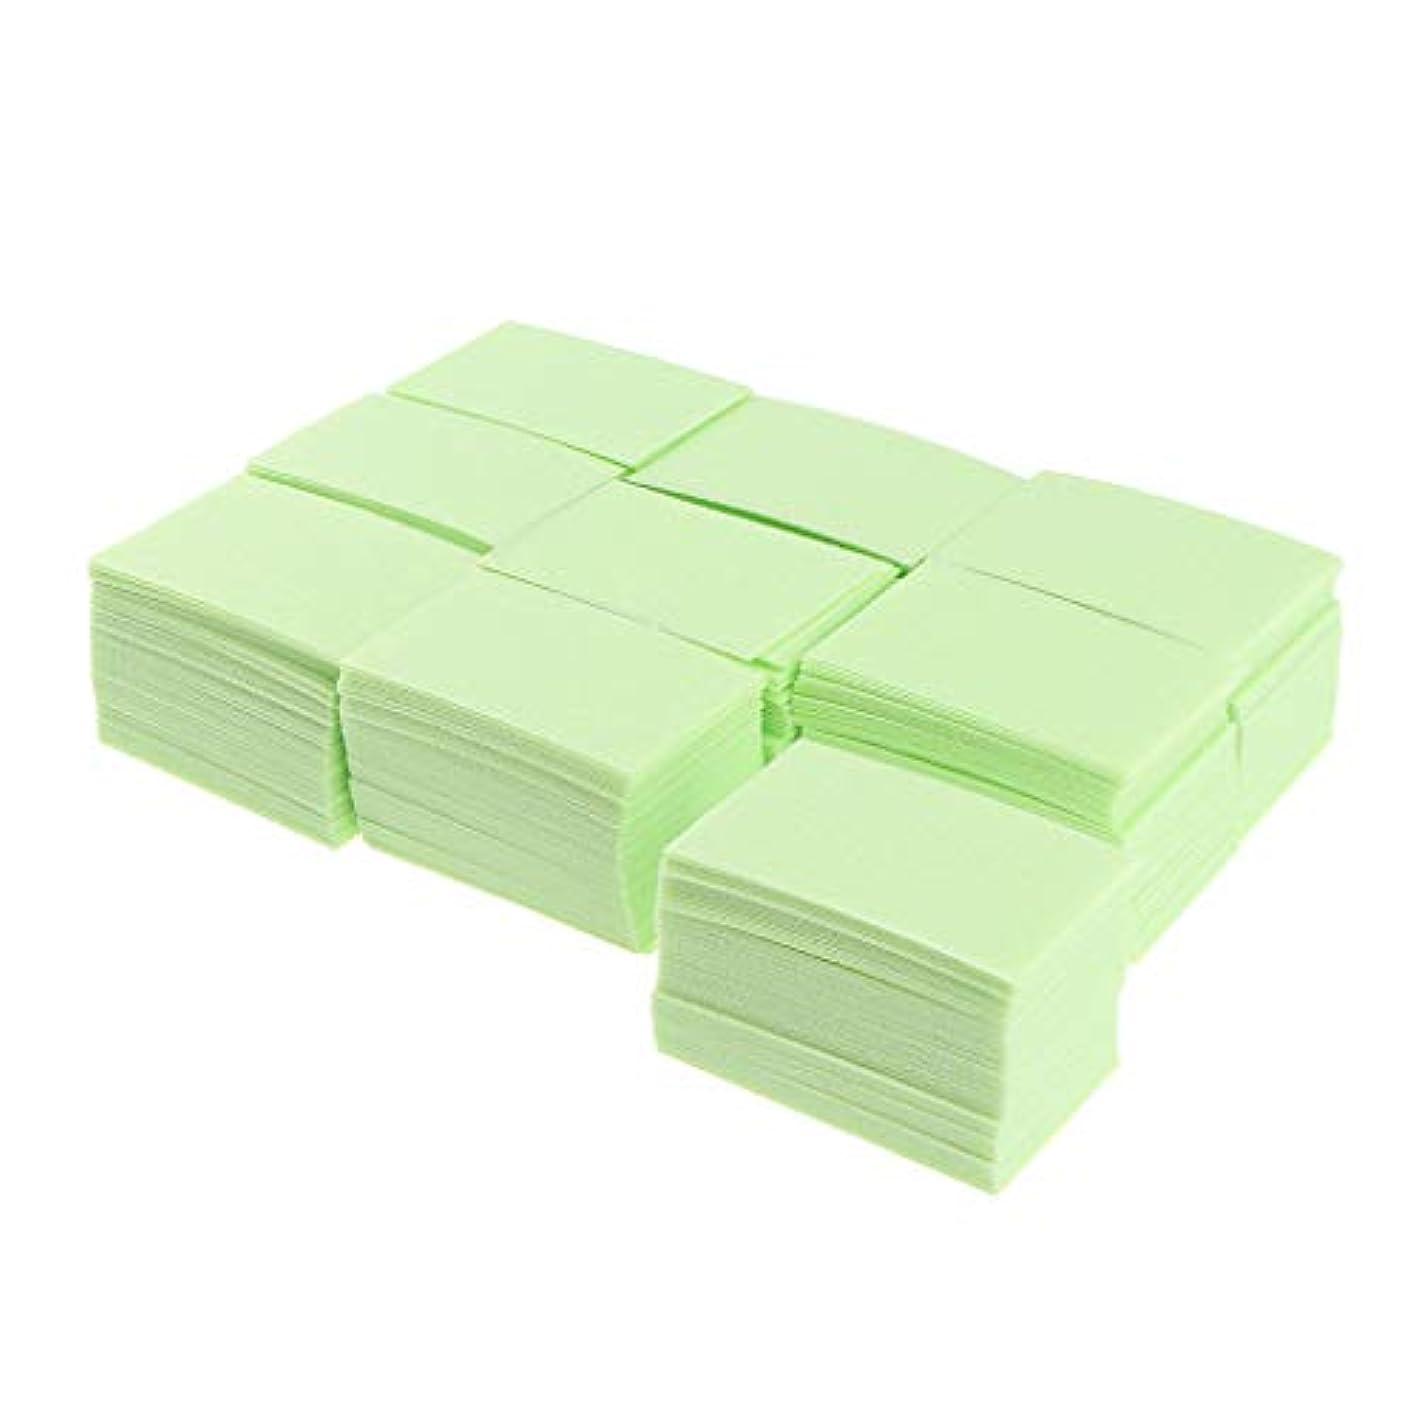 依存徴収尊敬する約700枚 ネイルポリッシュリムーバー 綿パッド ネイルアート マニキュア 2色選べ - 緑